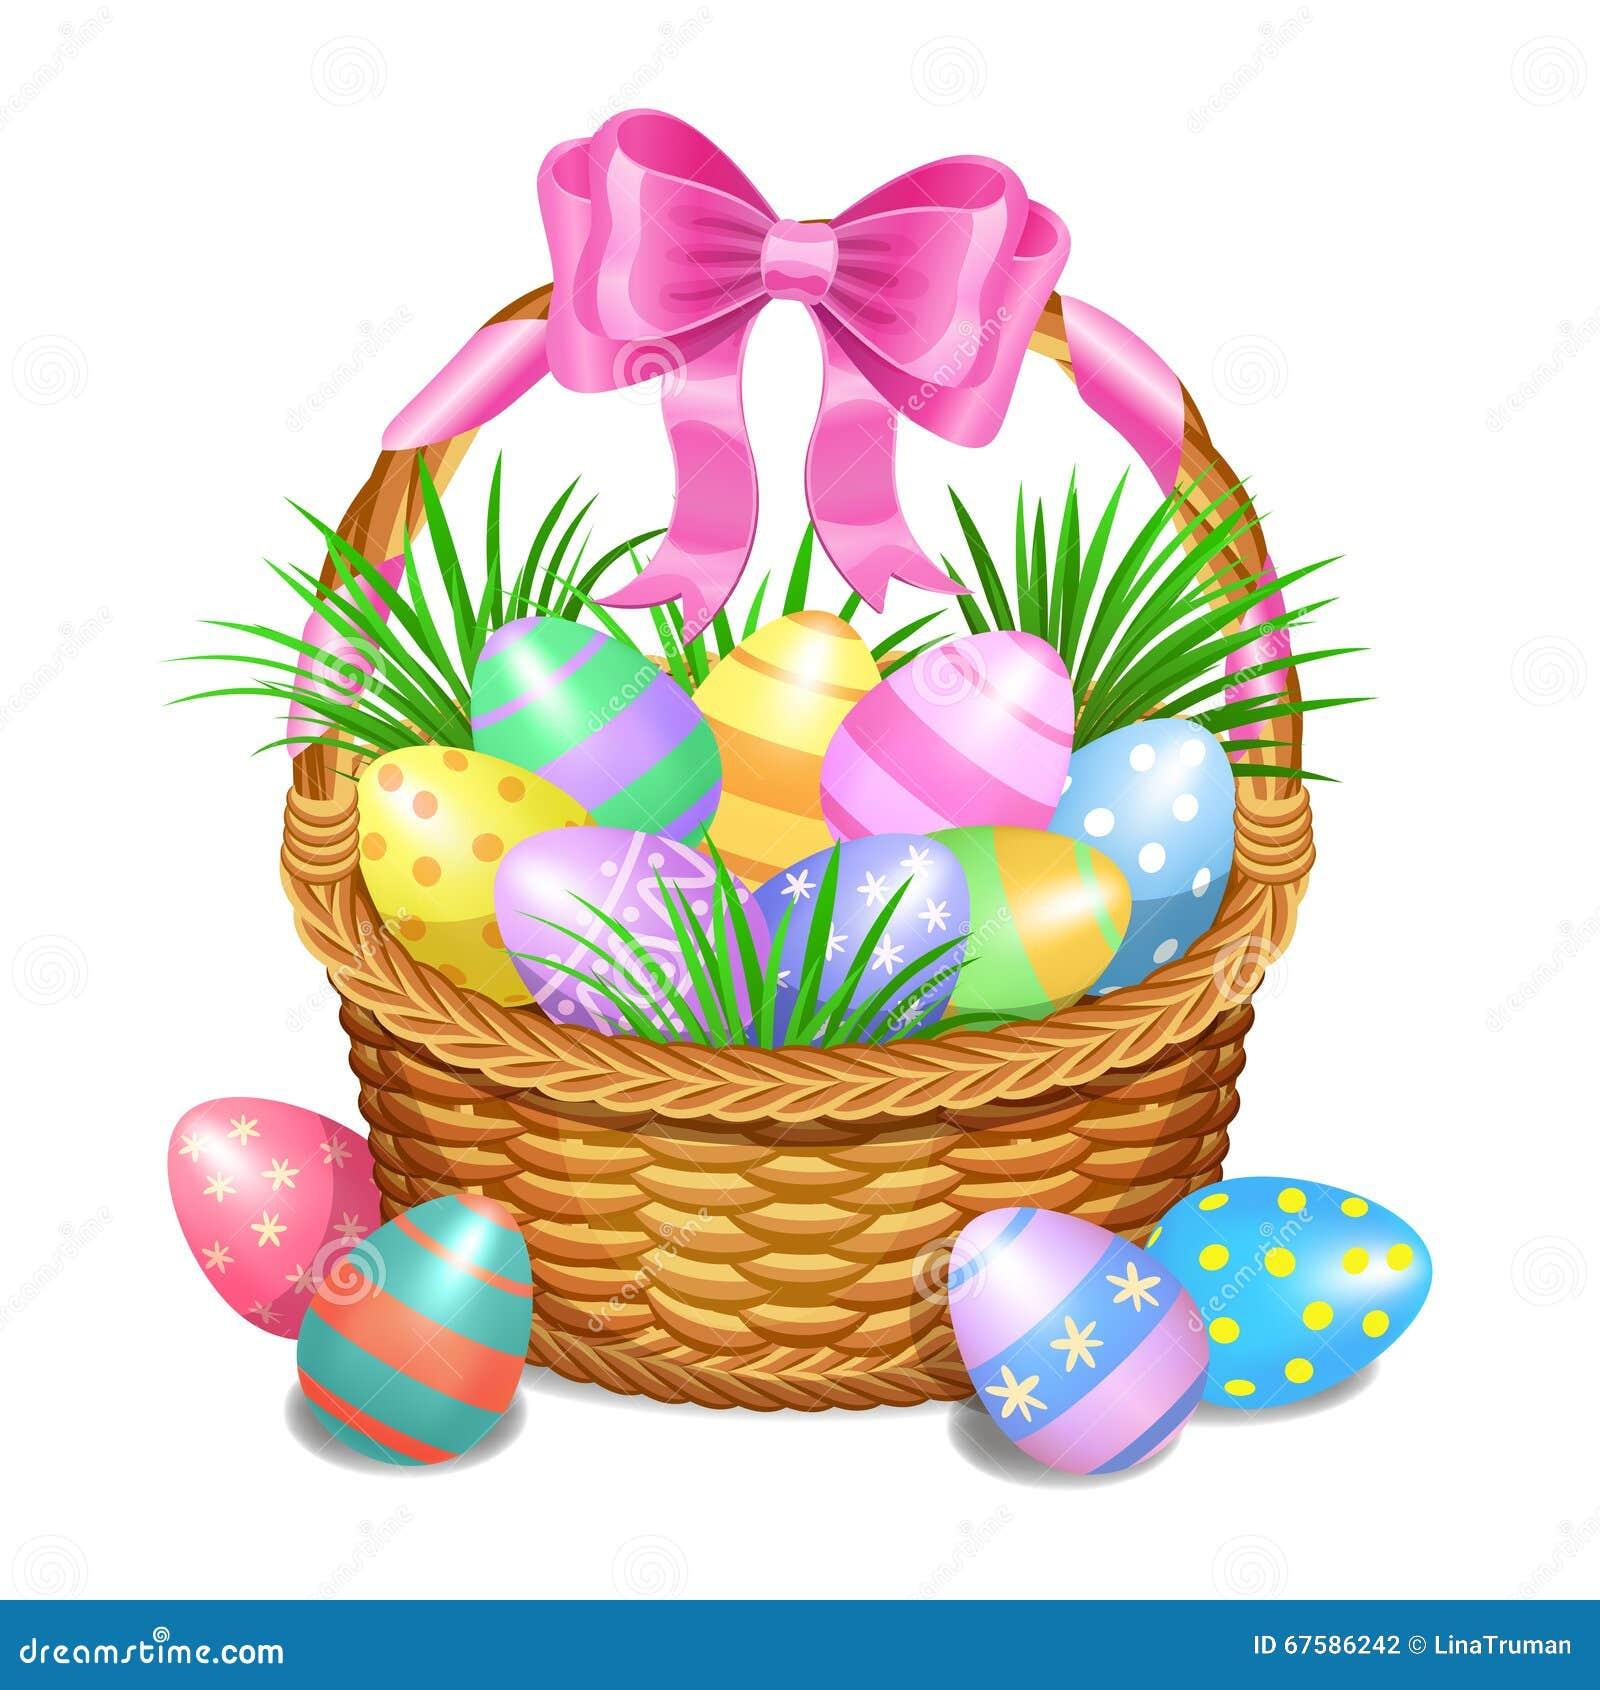 Καλάθι Πάσχας με χρωματισμένα τα χρώμα αυγά Πάσχας στο λευκό